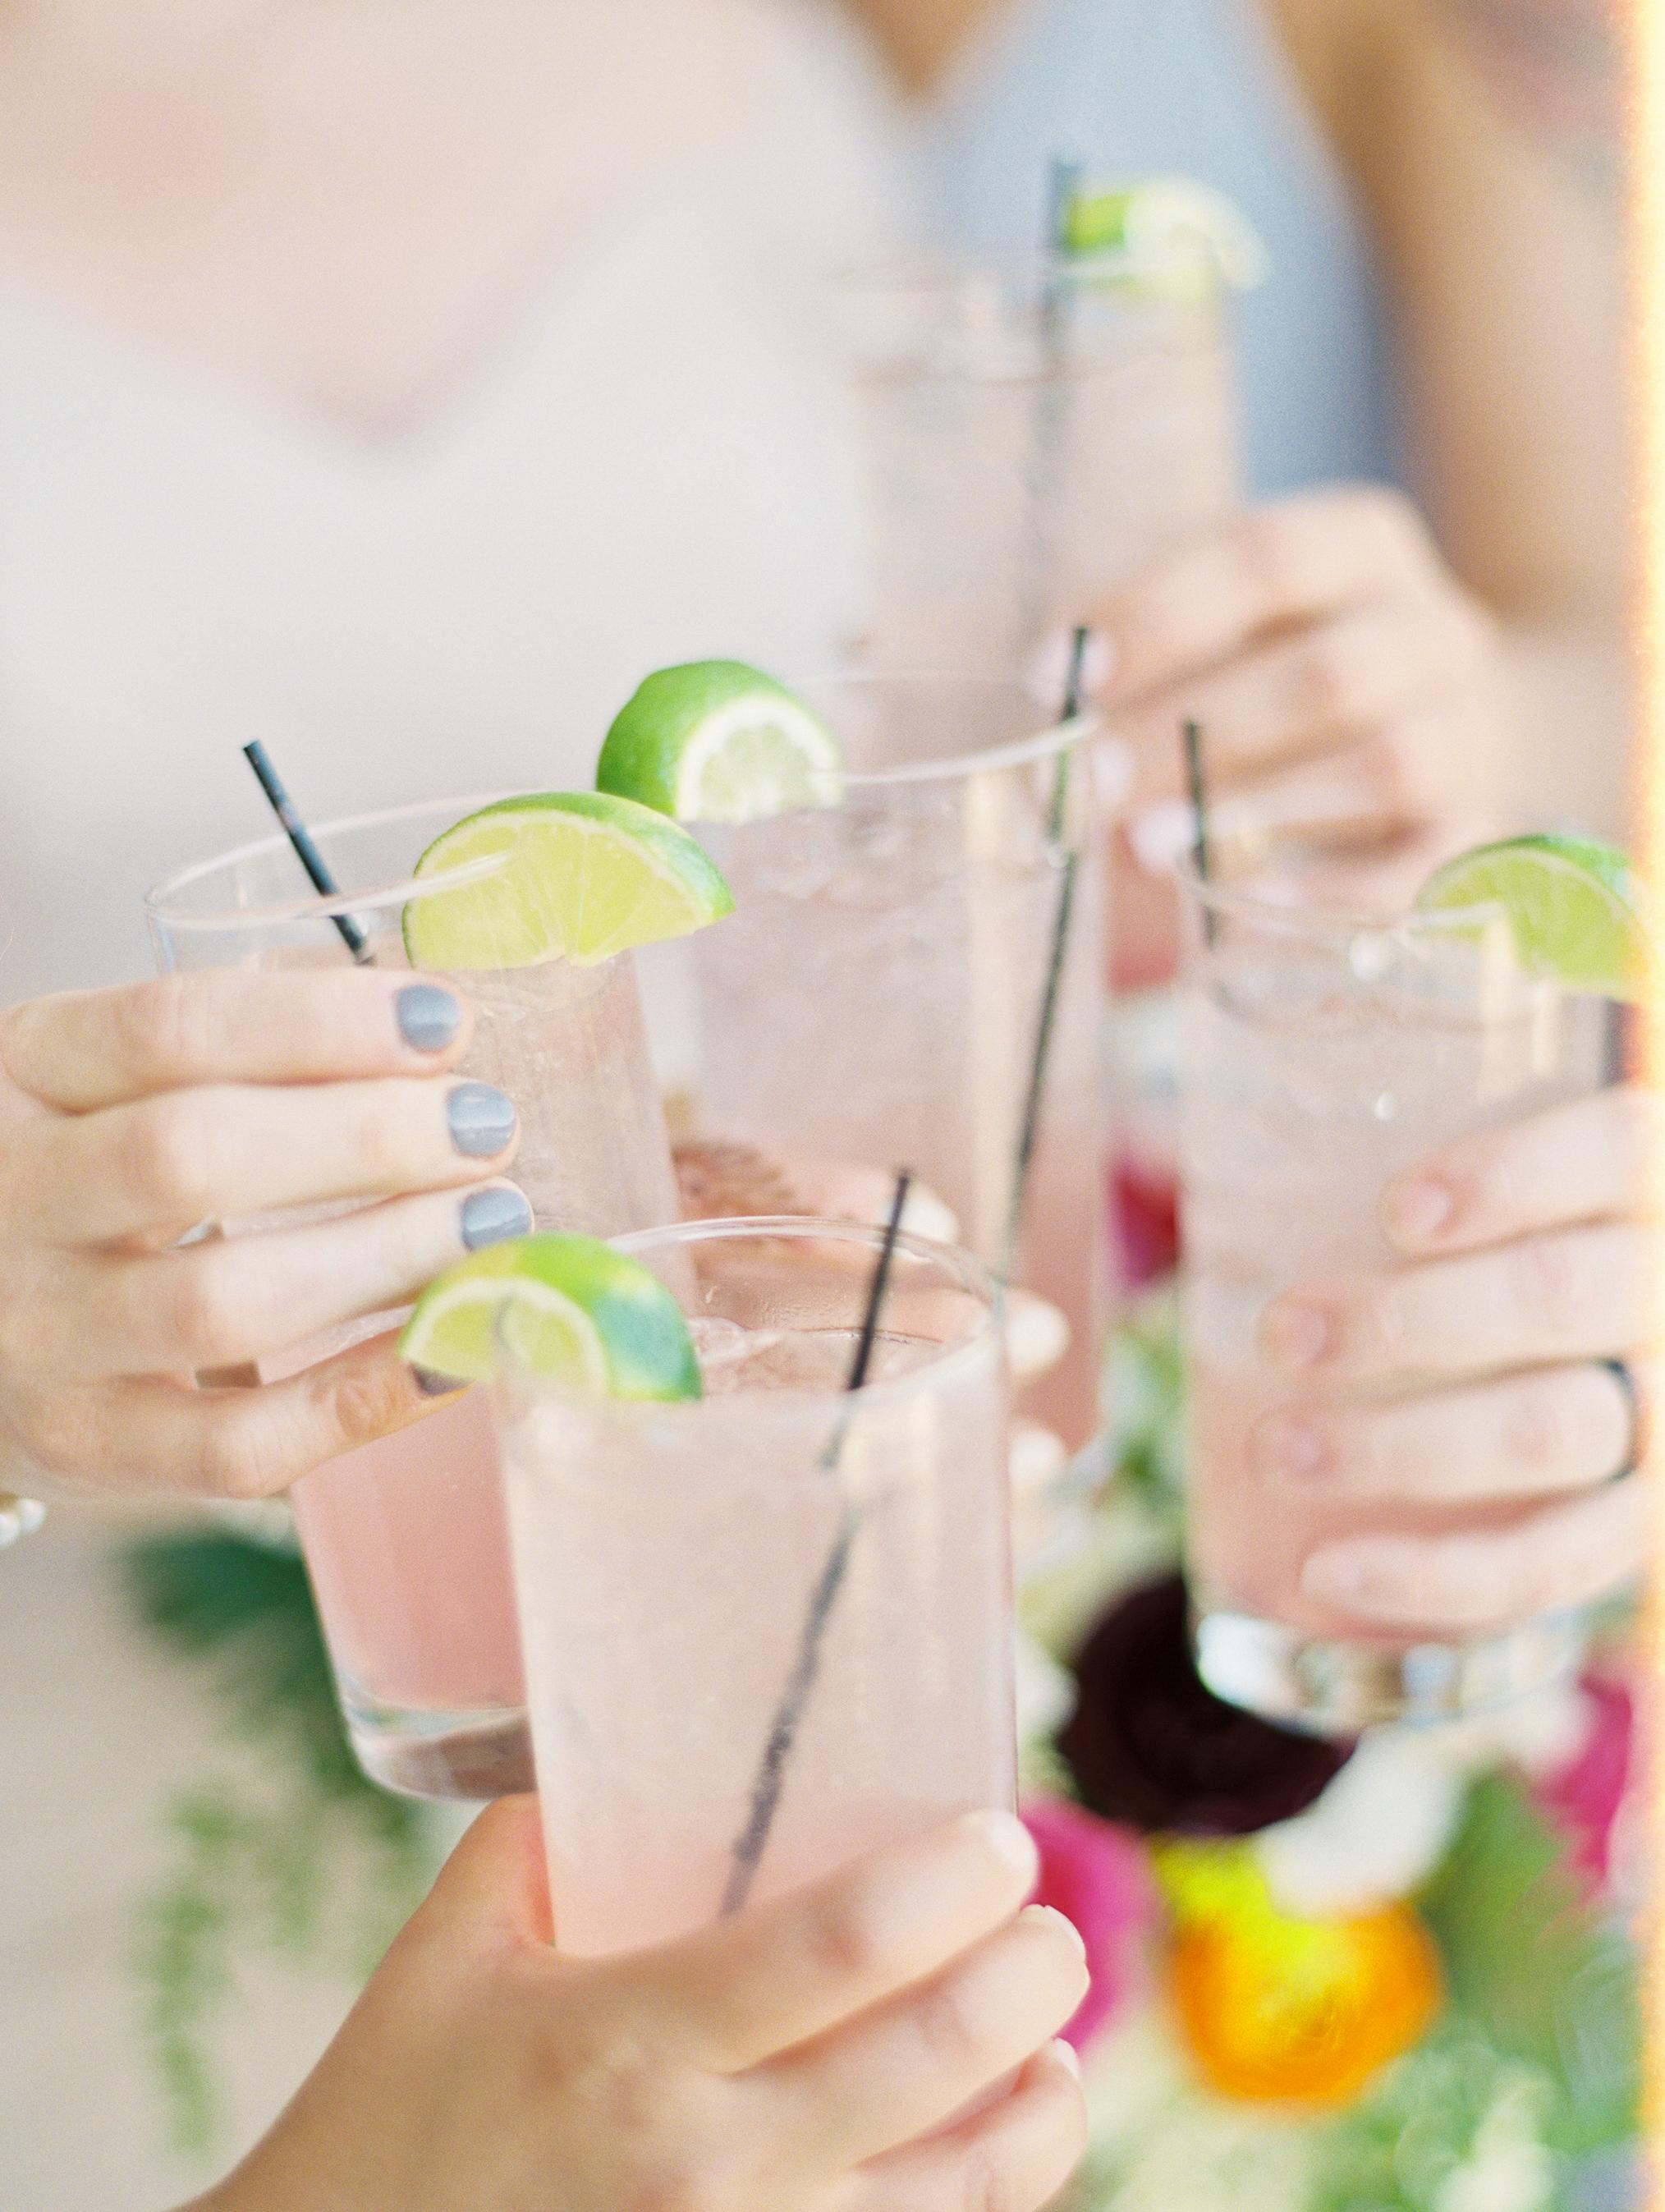 Govathoti+Wedding+Cocktail+BridalParty-25.jpg